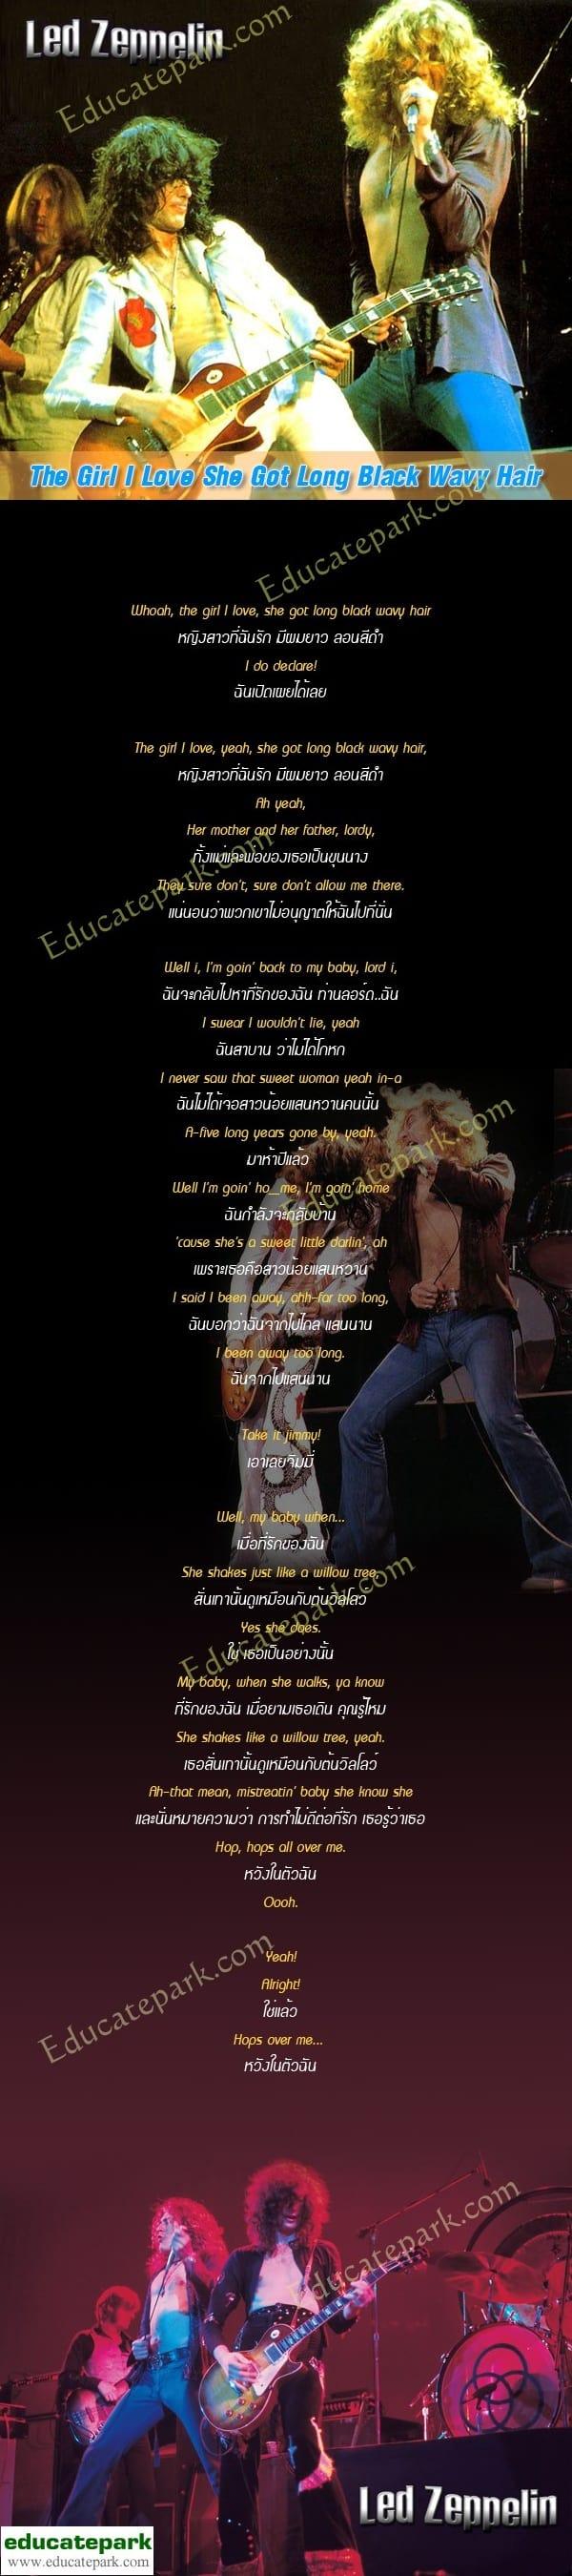 แปลเพลง The Girl I Love She Got Long Black Wavy Hair - Led Zeppelin